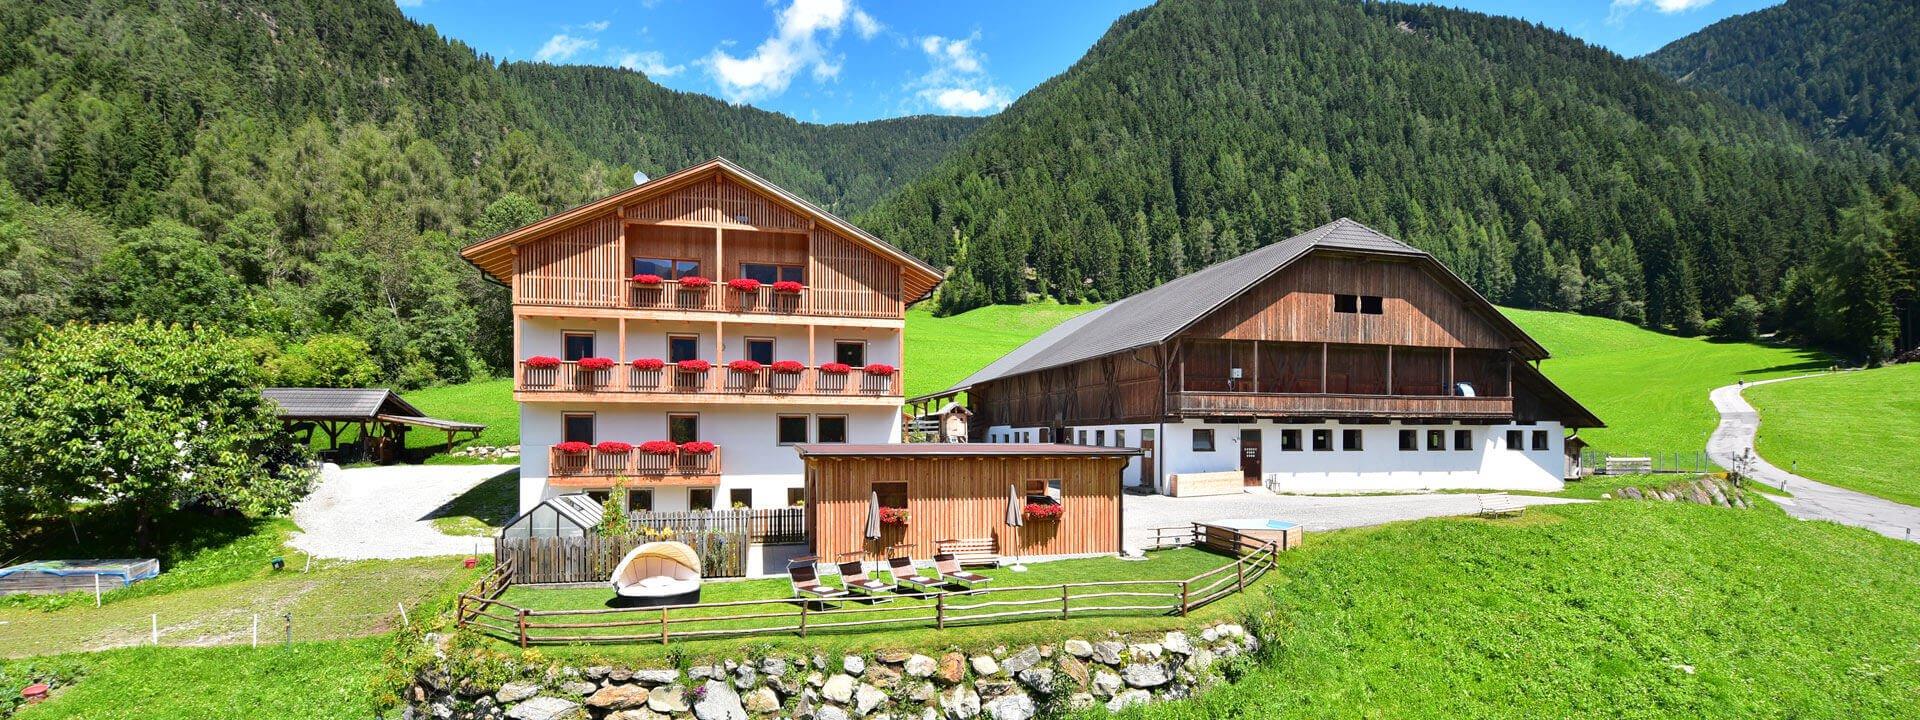 bacherhof-ferienwohnung-luesen-01